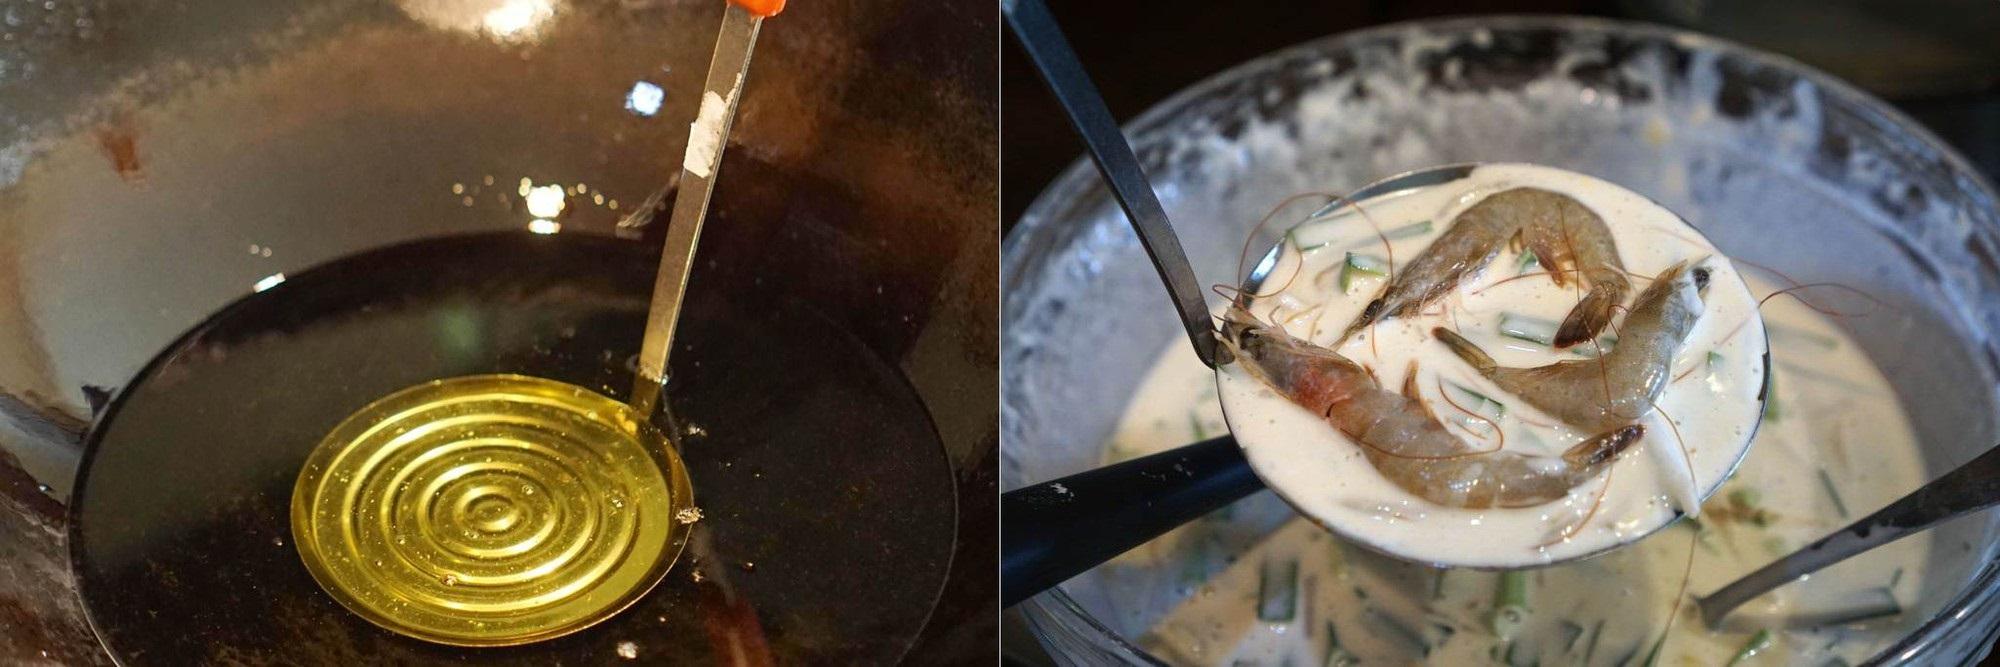 Mách bạn cách làm bánh tôm chiên chuẩn ngon - Ảnh 3